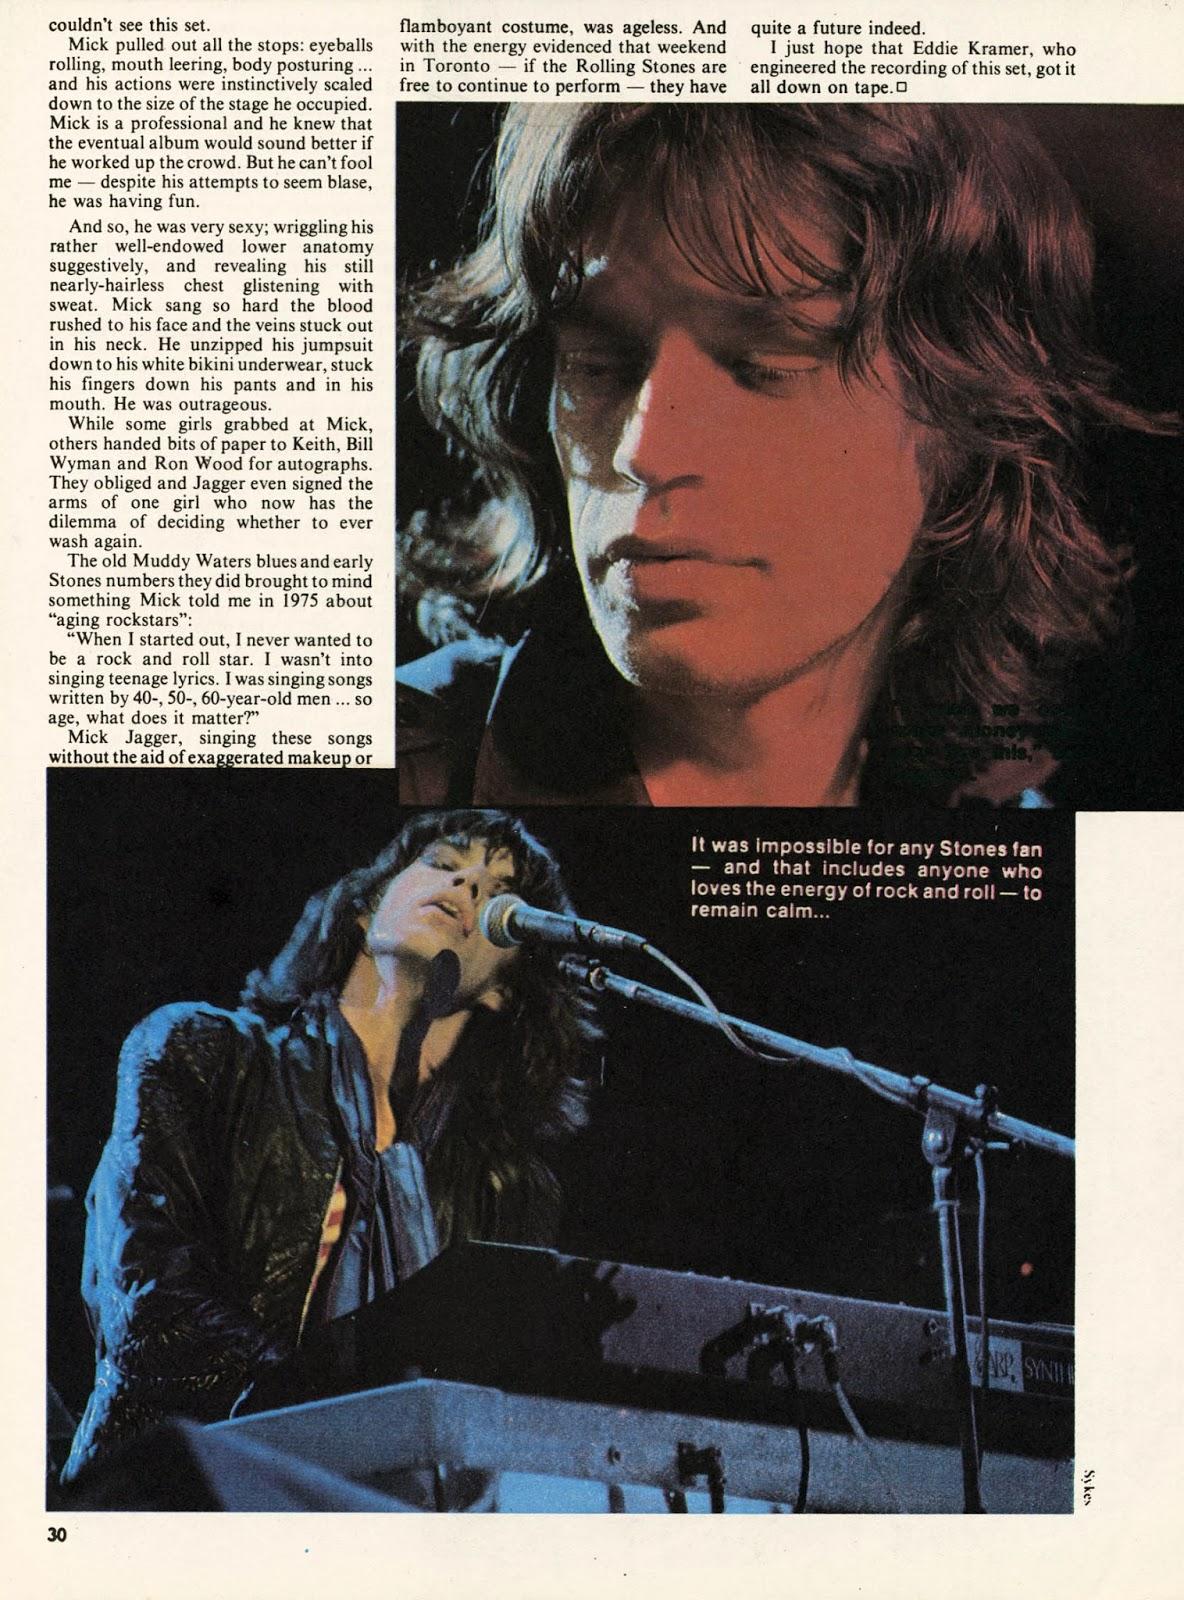 Hit Parader November 1977 Led Zeppelin ELP Ted Nugent Elton John Bad Company